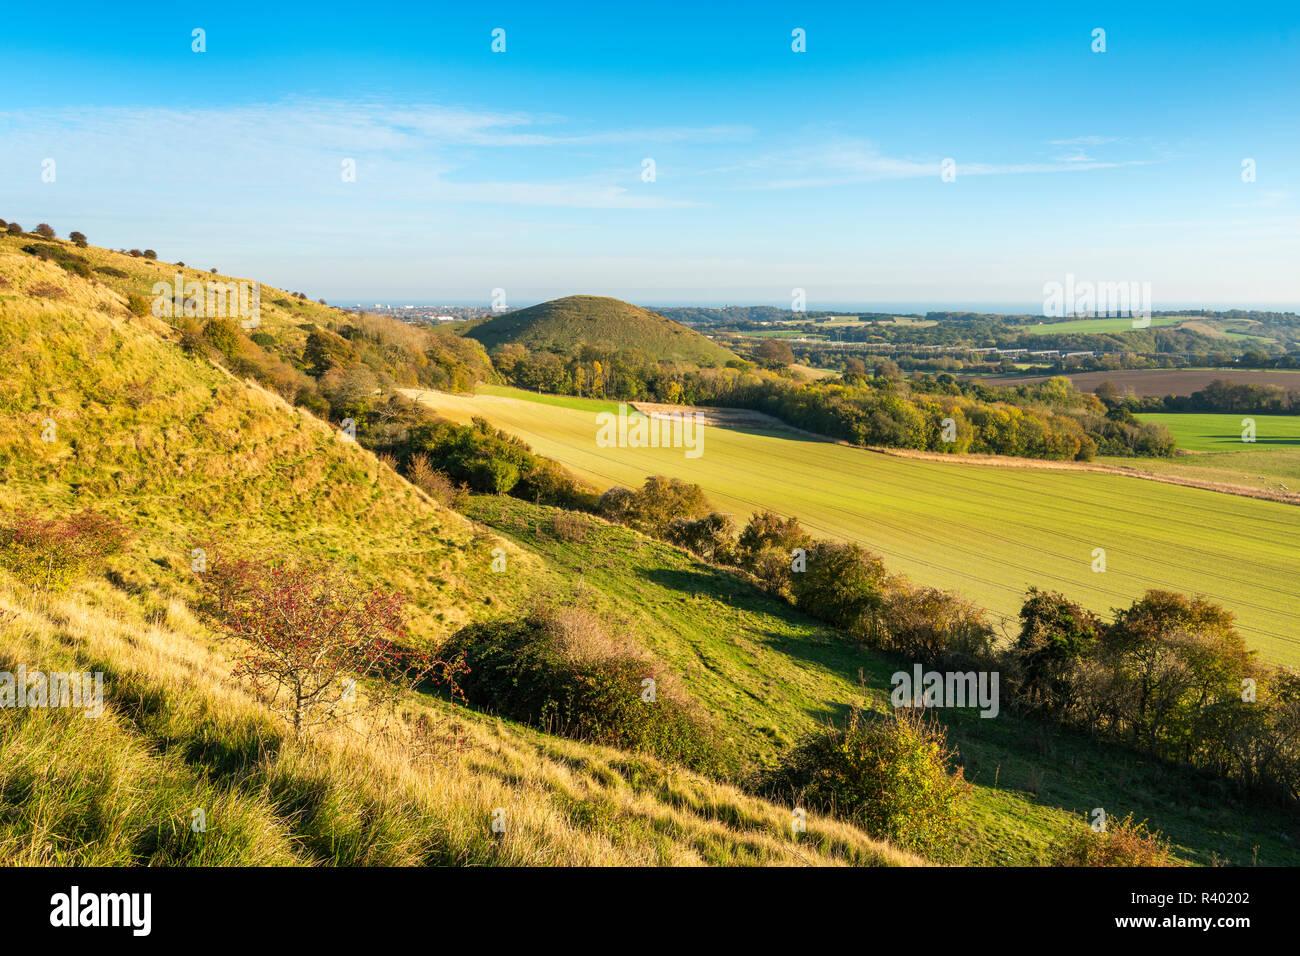 Ein Blick von der Kent Downs in der Nähe von Folkestone in Richtung der ikonischen Form von Summerhouse Hill. Stockbild